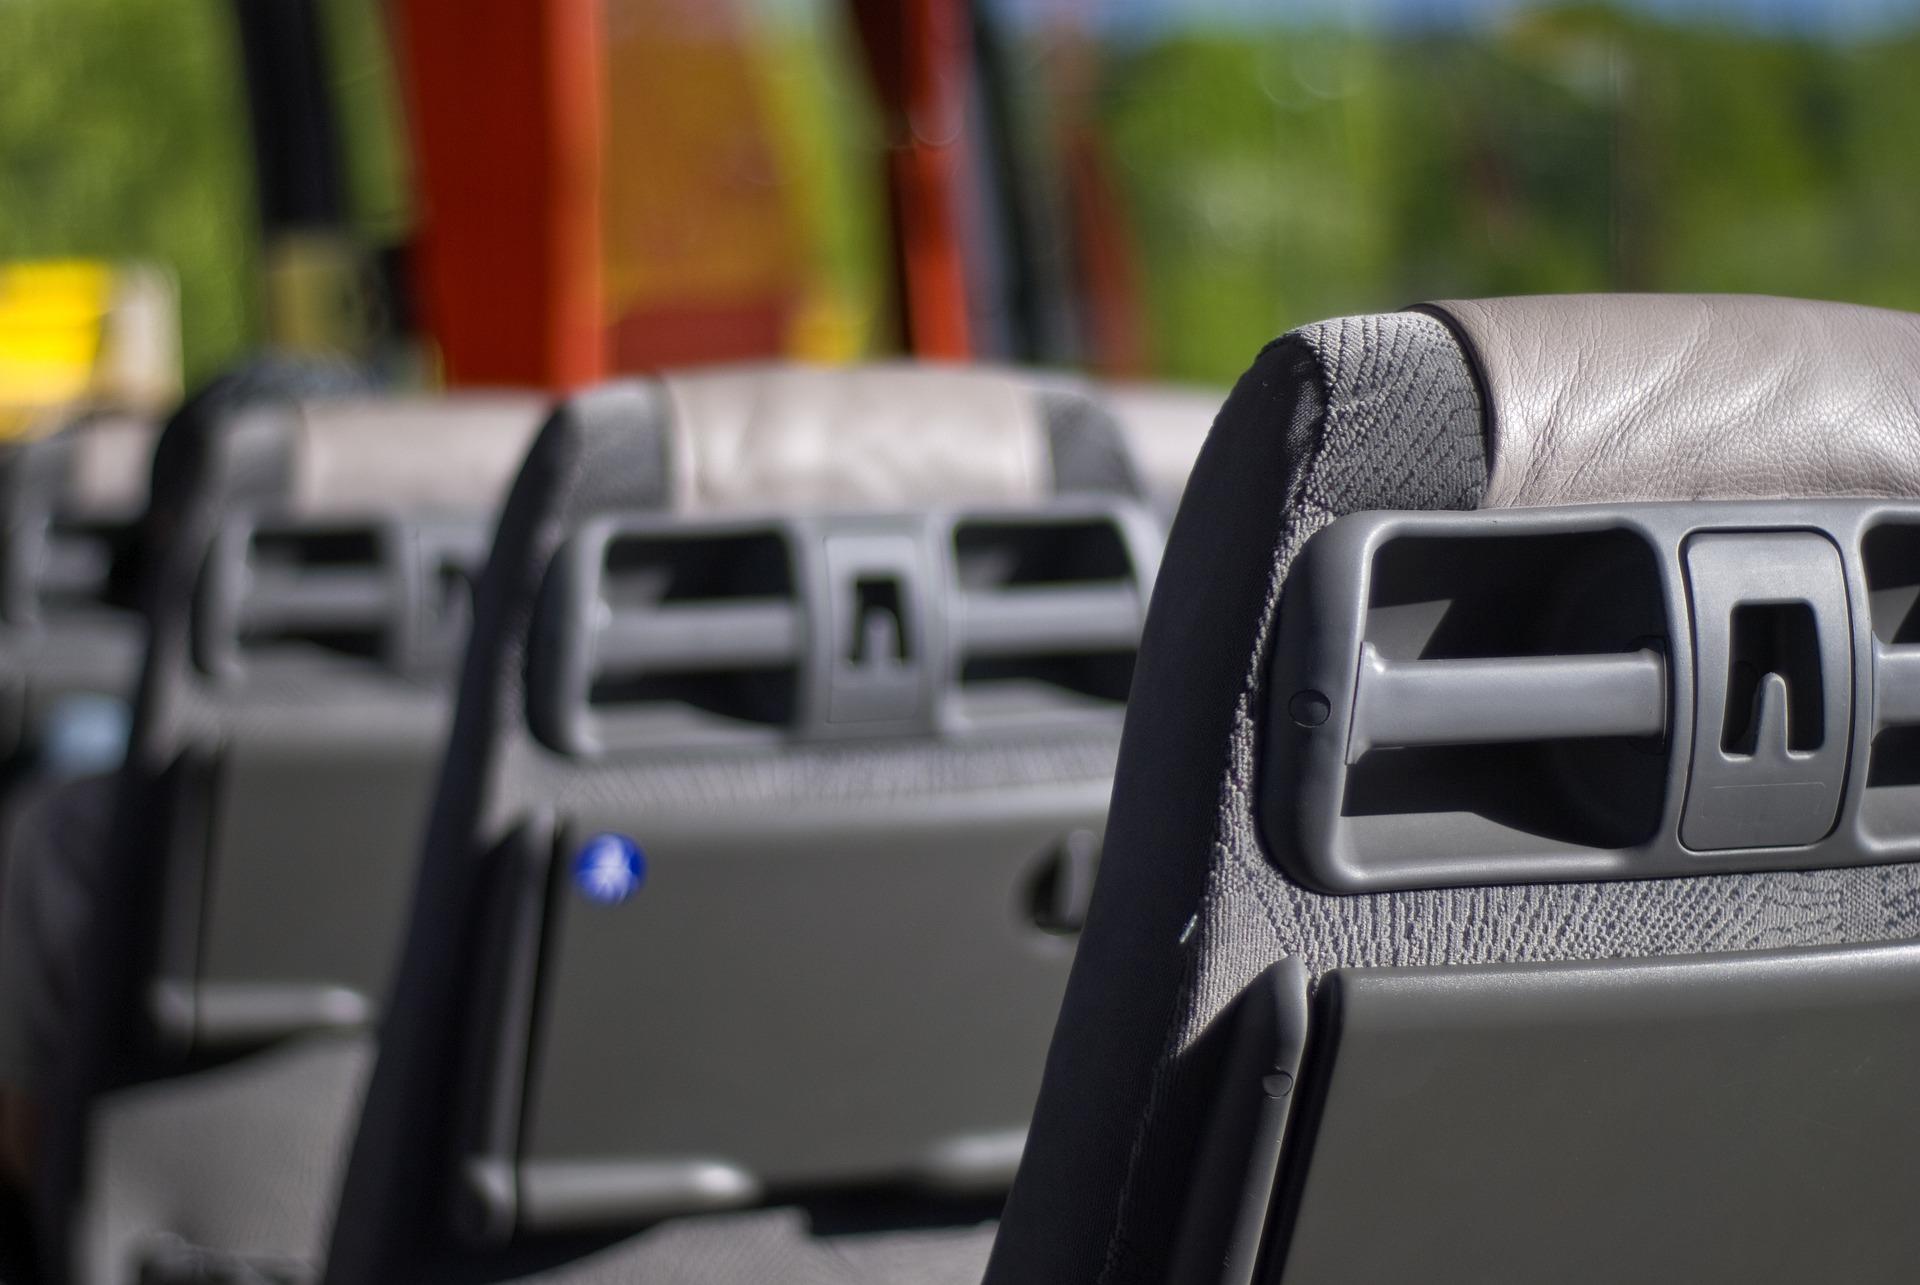 Bezpieczne ferie - autobusy do kontroli